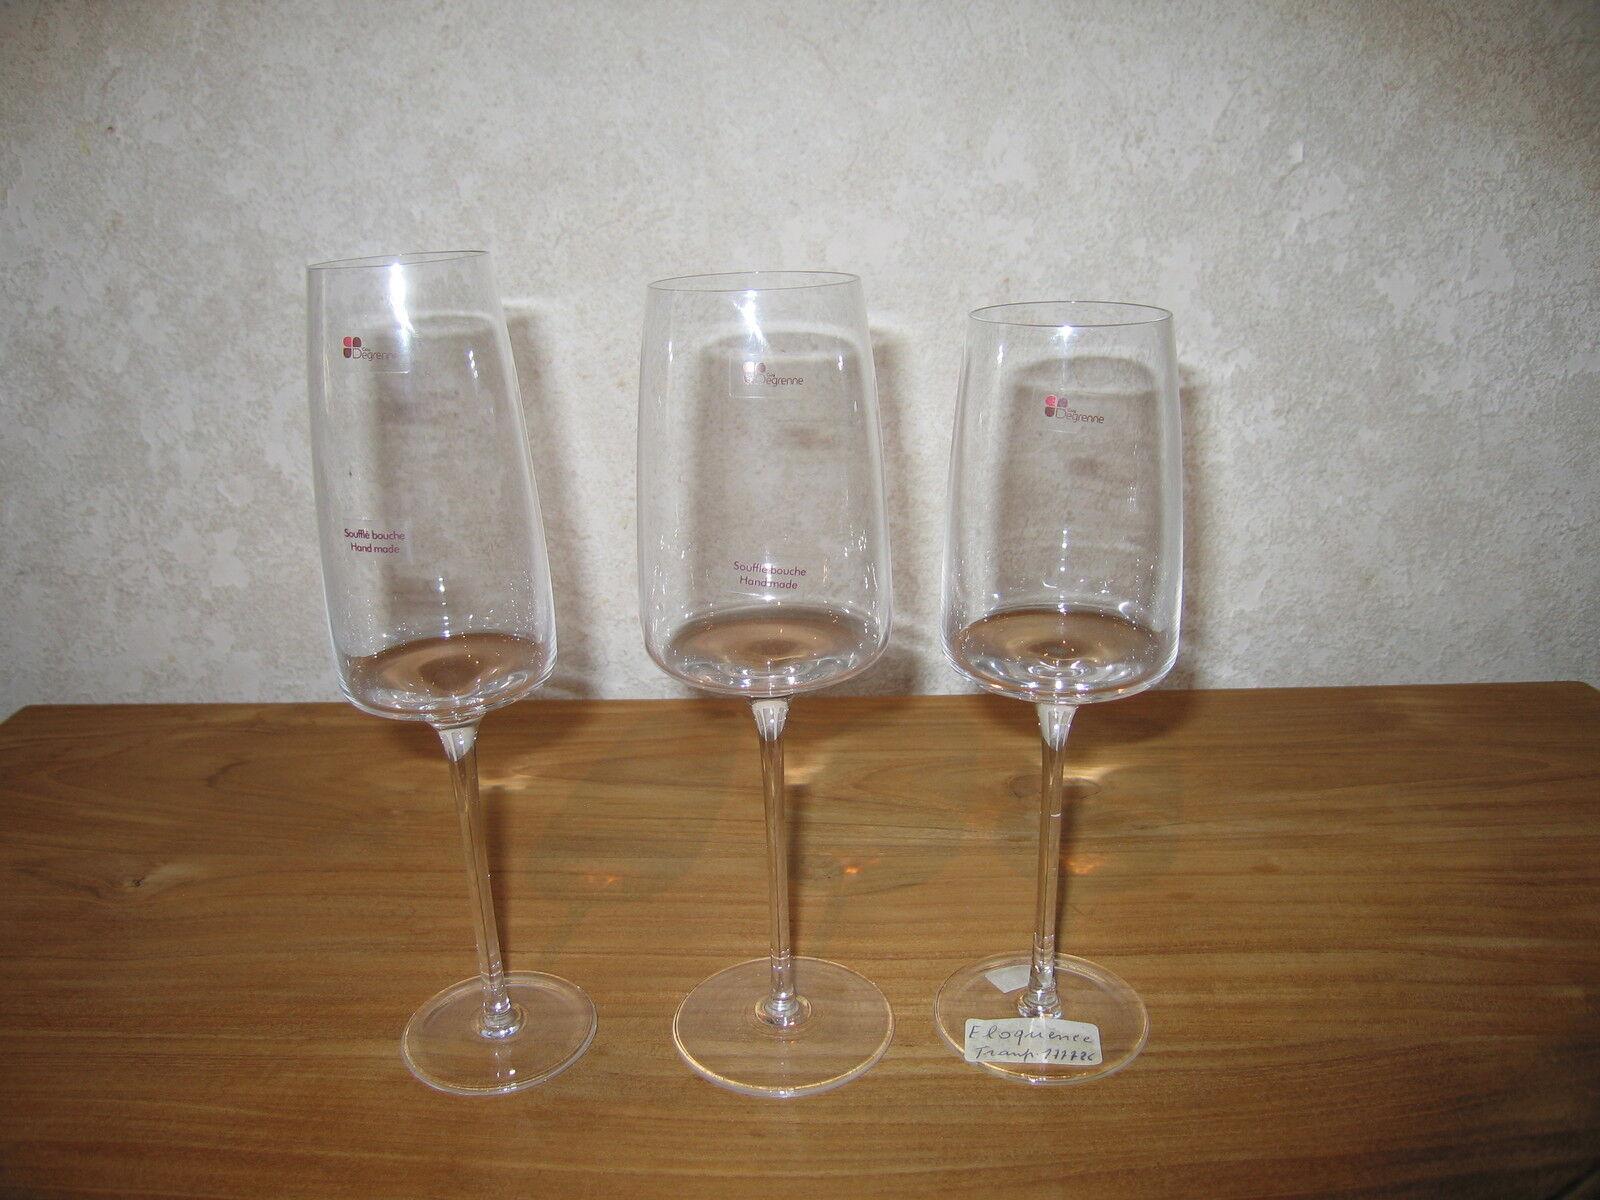 GUY DEGRENNE NEW ELOQUENCE Set 3 verres Glasses